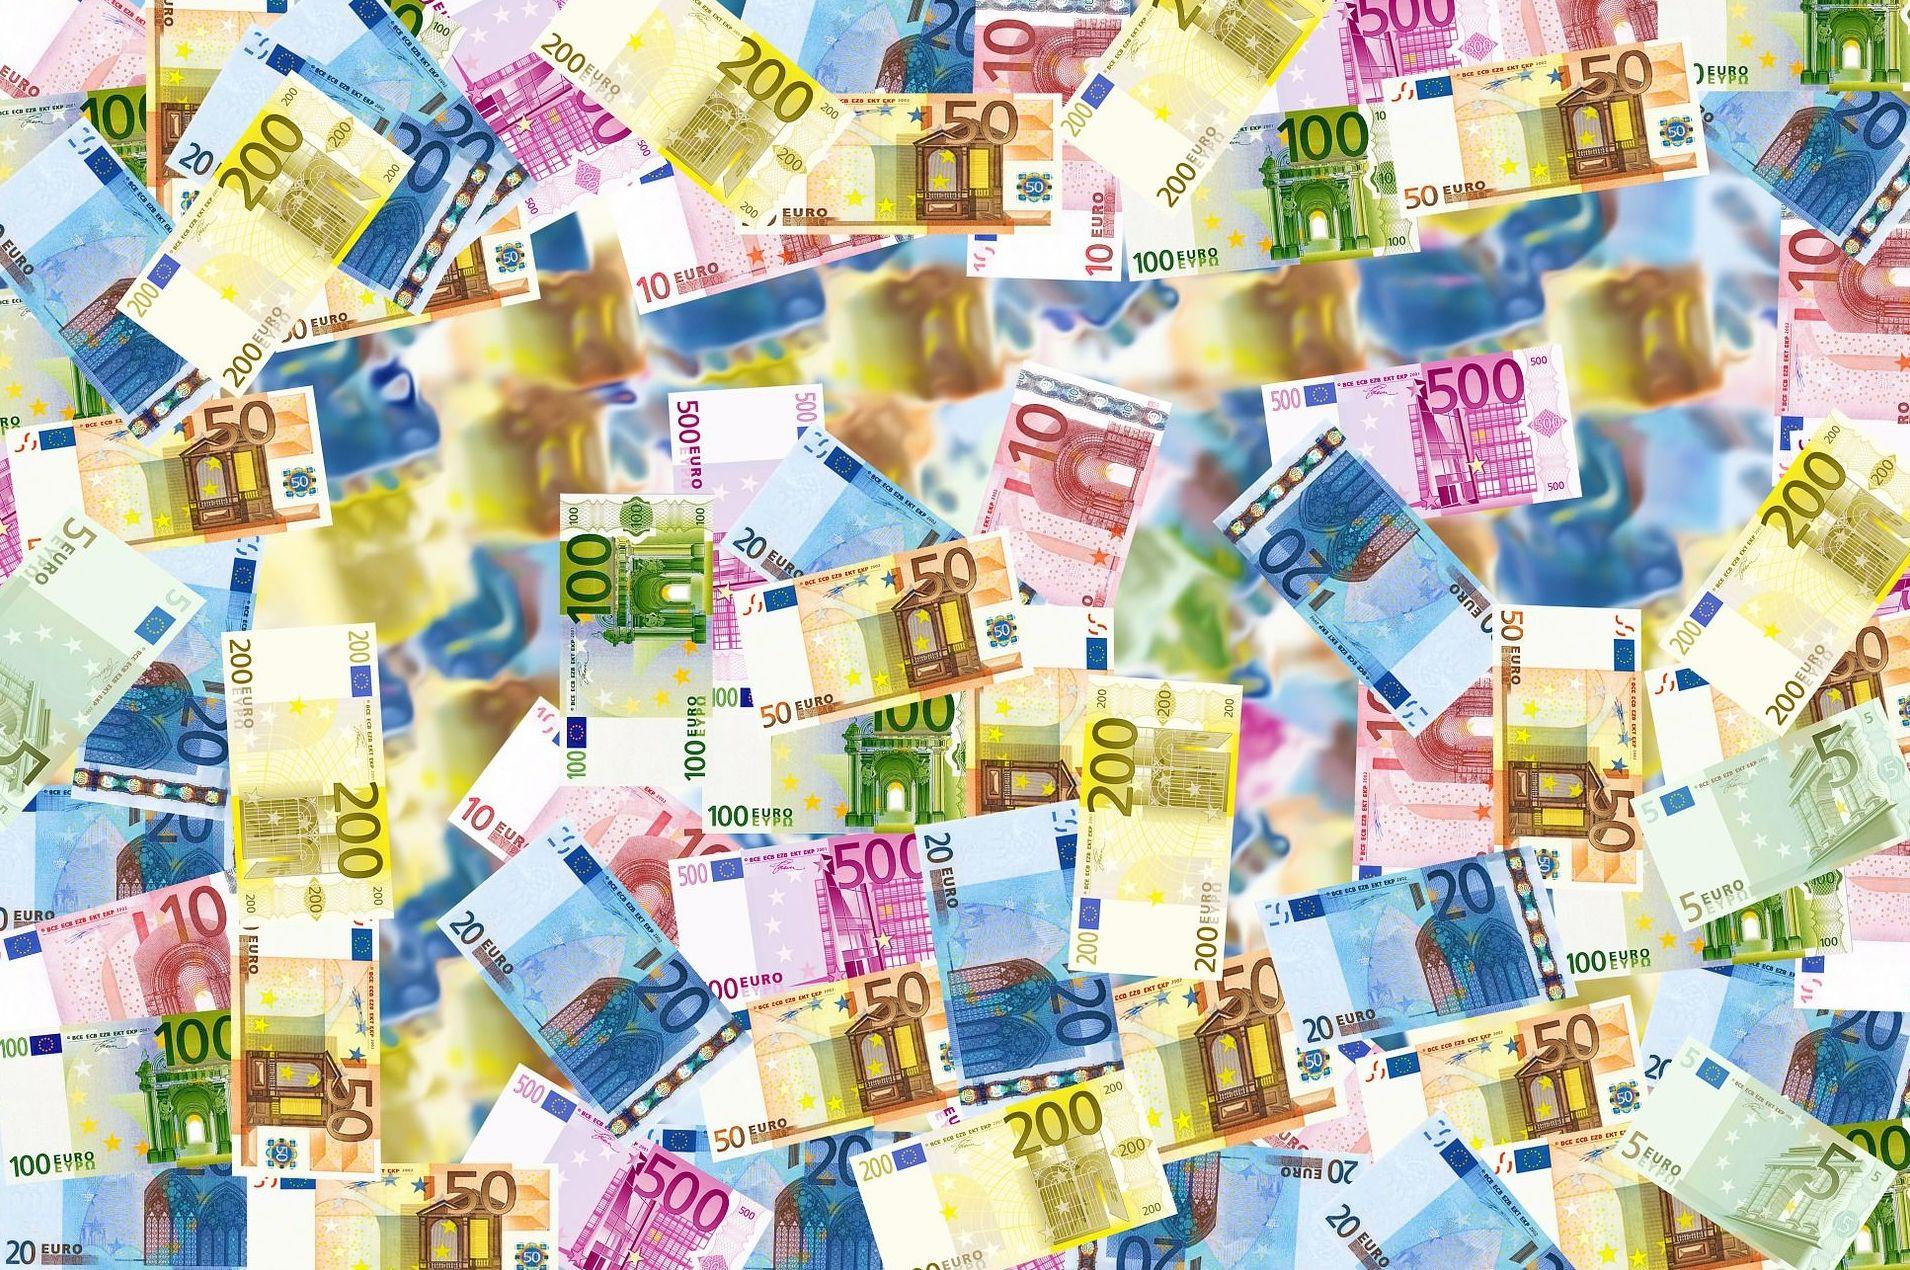 Hacienda y organismo: ¿Qué hacemos?  de Gestoría Cebrián